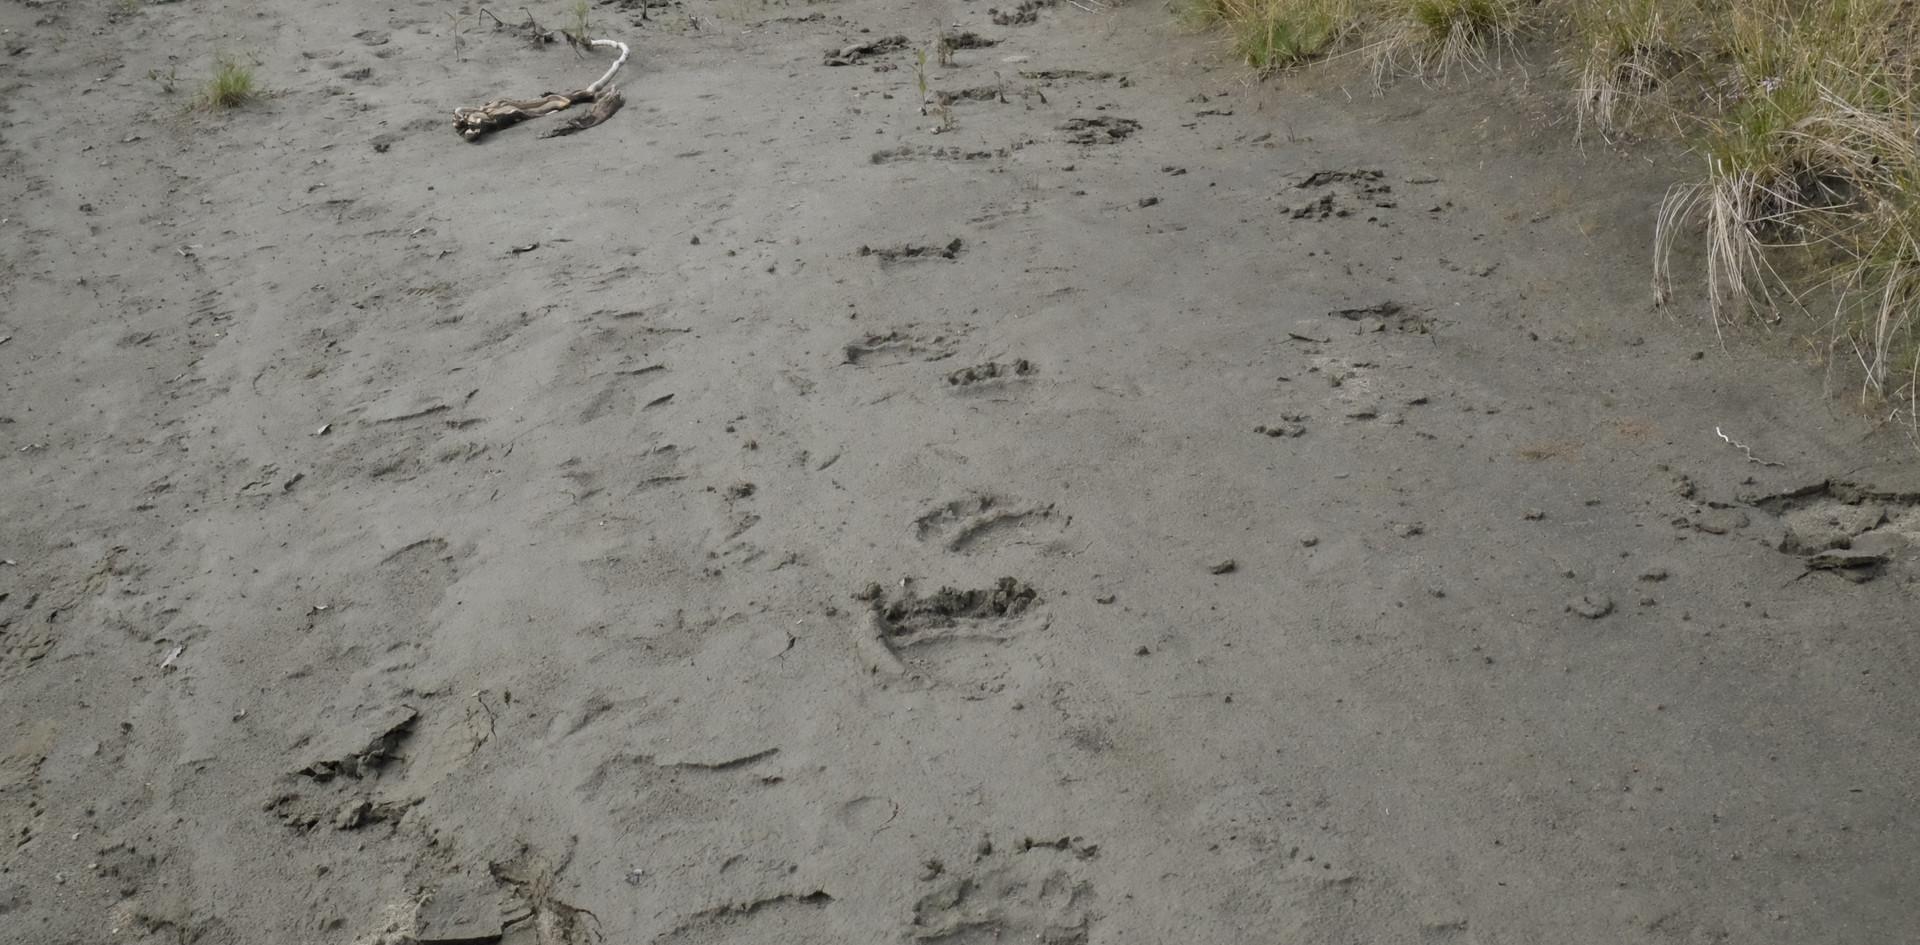 Die Abdrücke eines Schwarzbären in seiner typischen Gangart. Der Vorderfuß wird beim Gehen schräg abgedrückt.